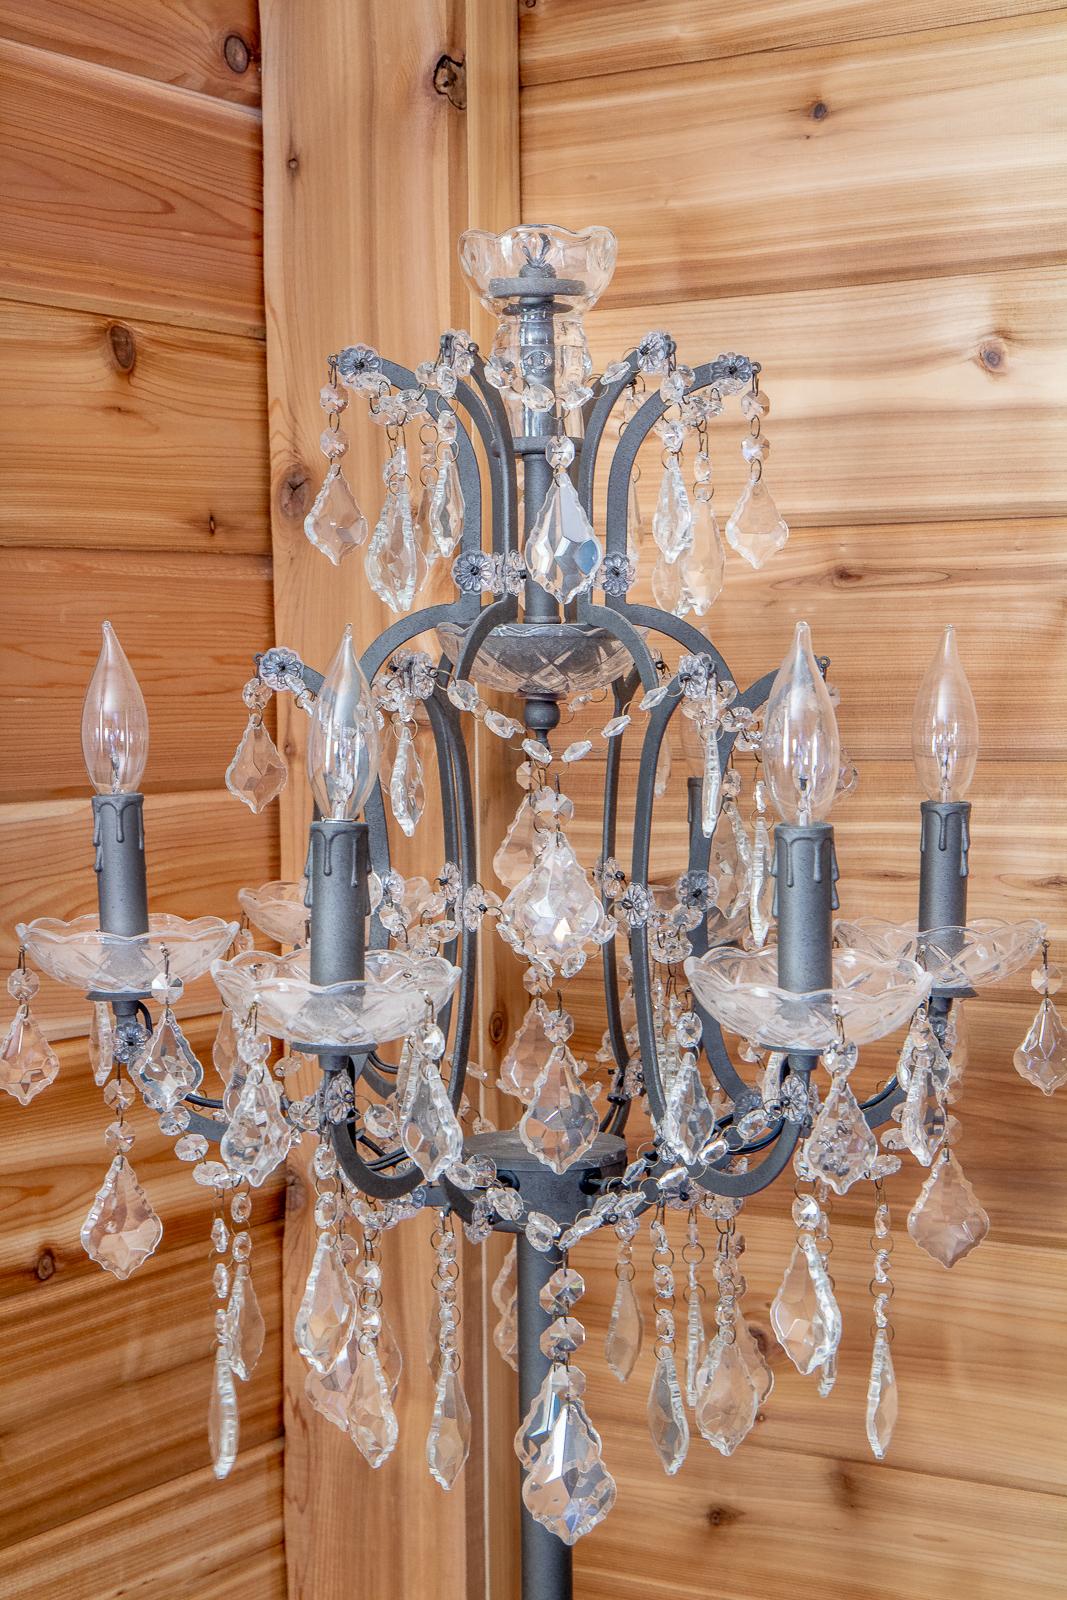 Restoration Hardware knock off chandelier lamp